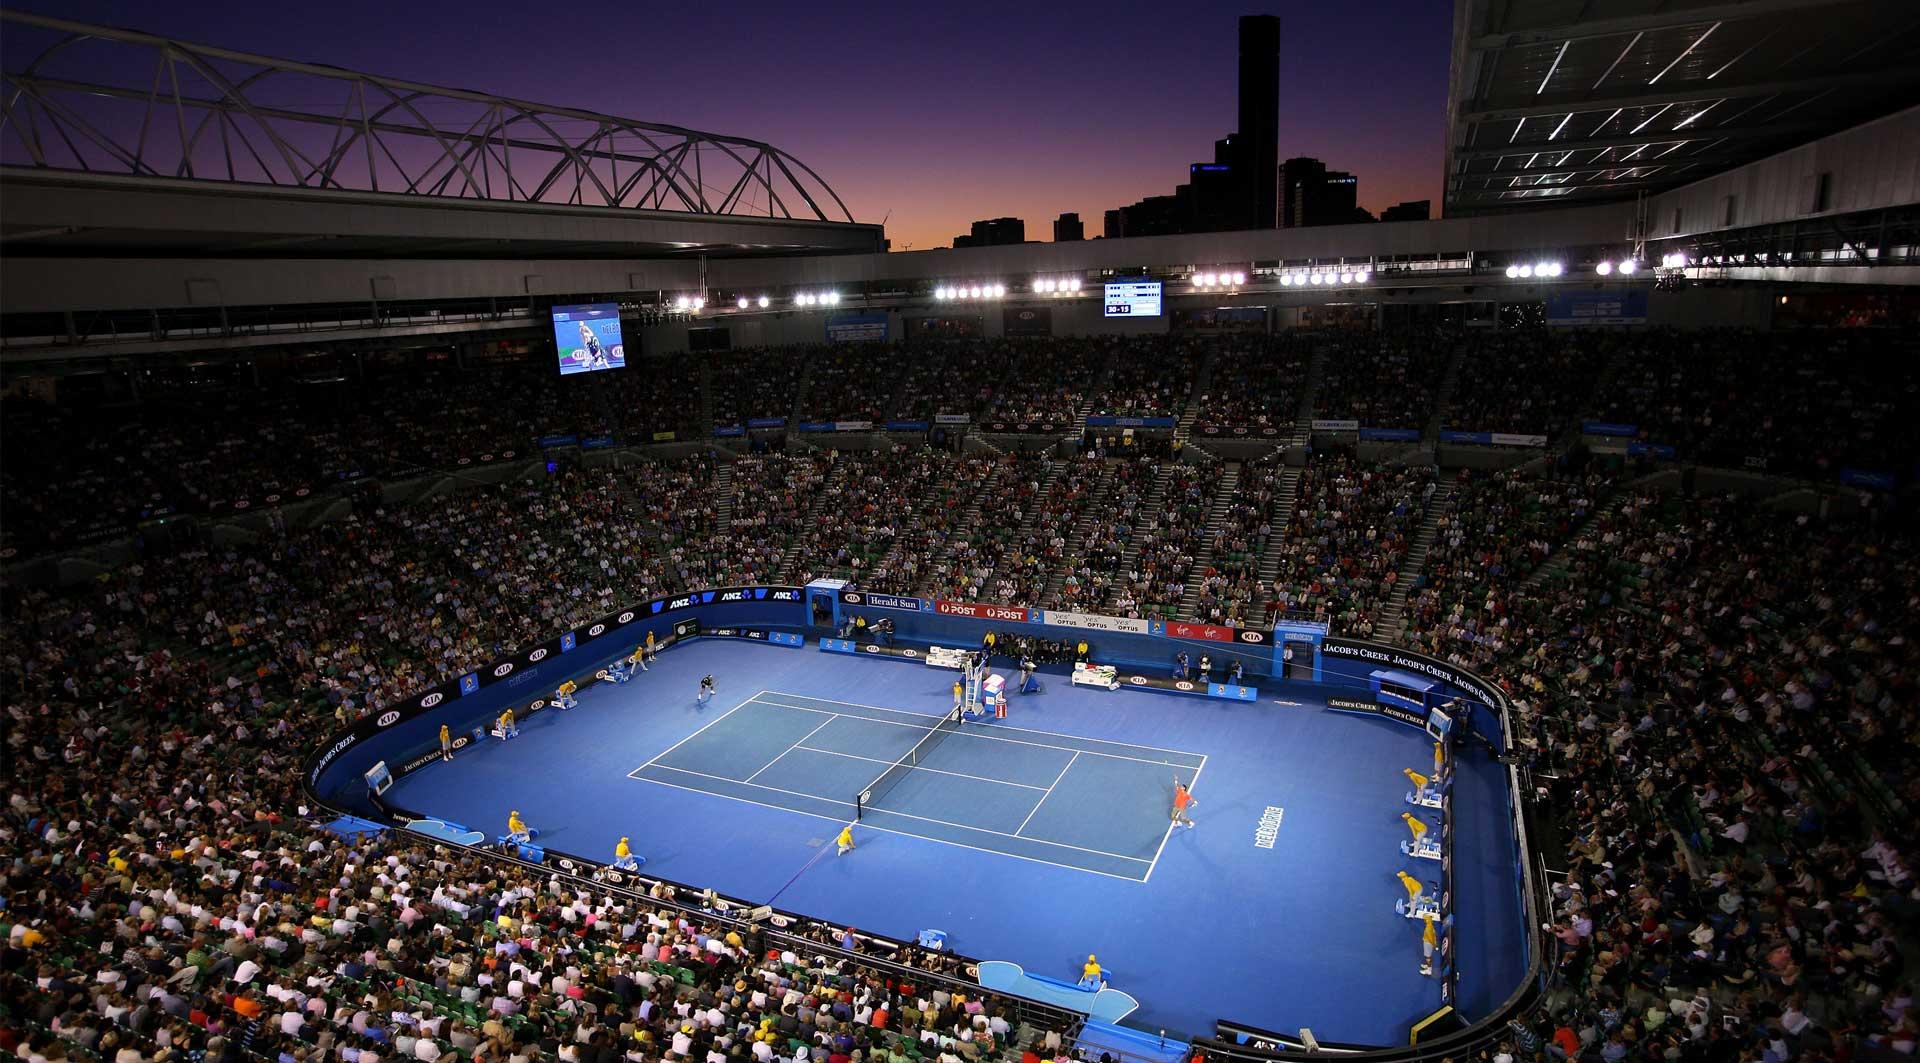 Australian Open - Povzetek teniške sezone 2020; Od okuženega Đokovića do senzacionalne mlade Poljakinje in slovenske prihodnosti